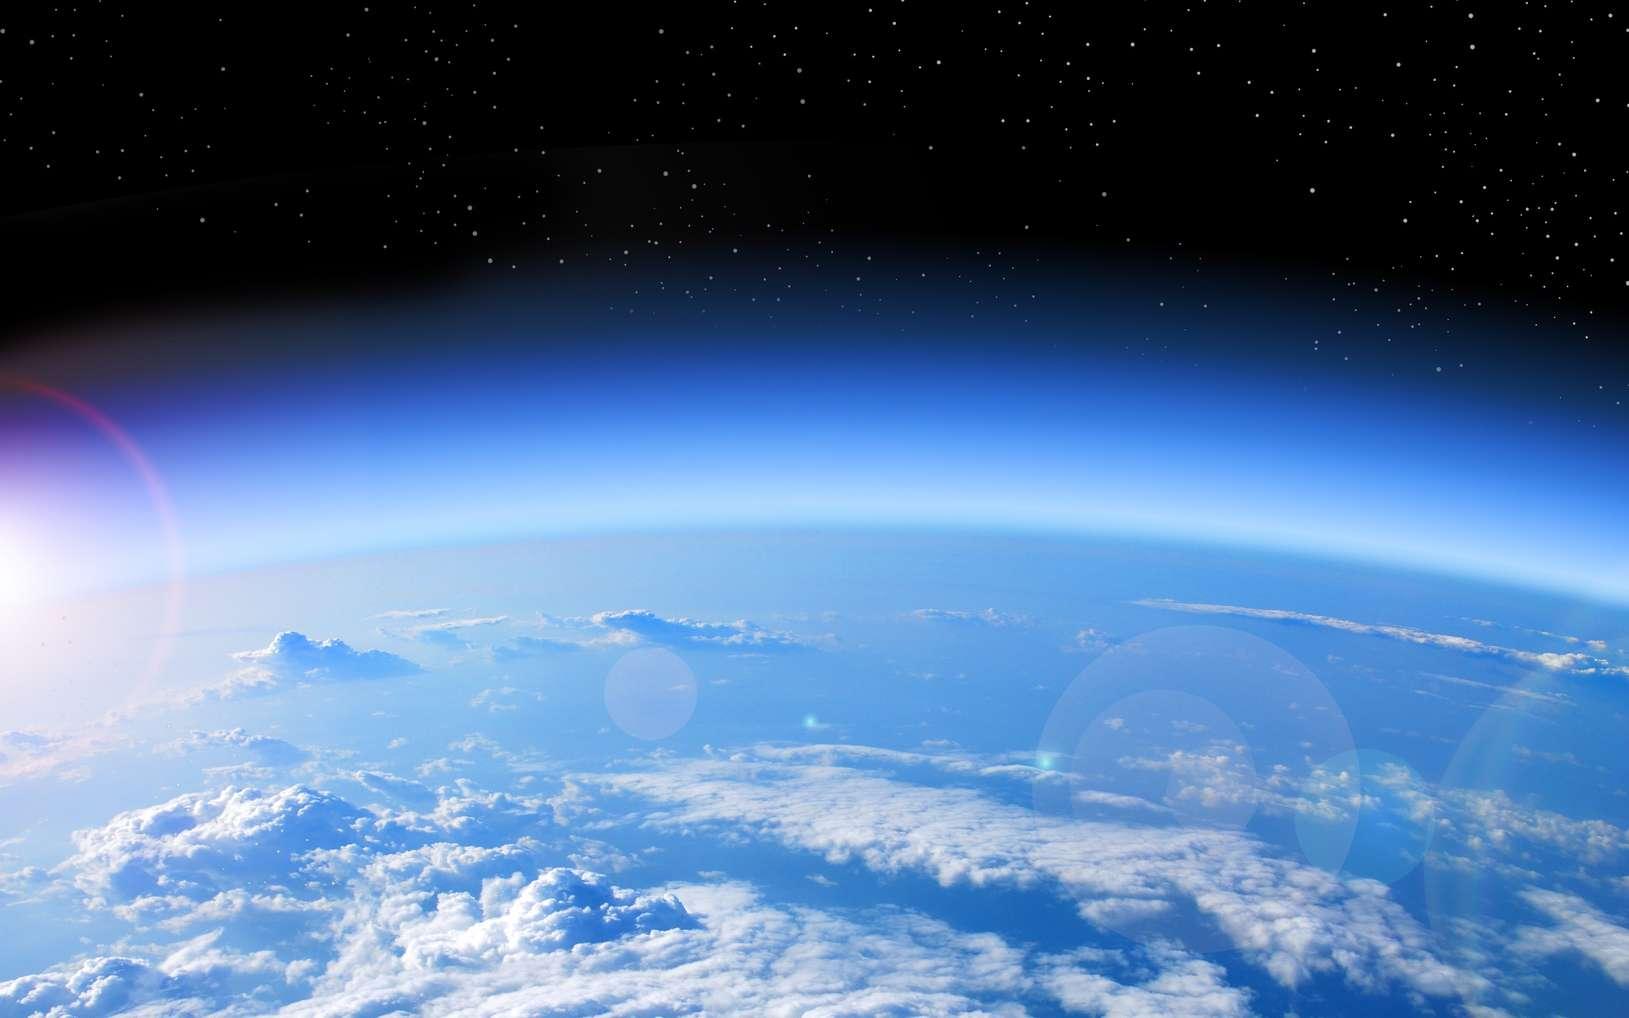 Pour Stephen Hawking, l'humanité doit se préparer à quitter la Terre. © studio023, Fotolia